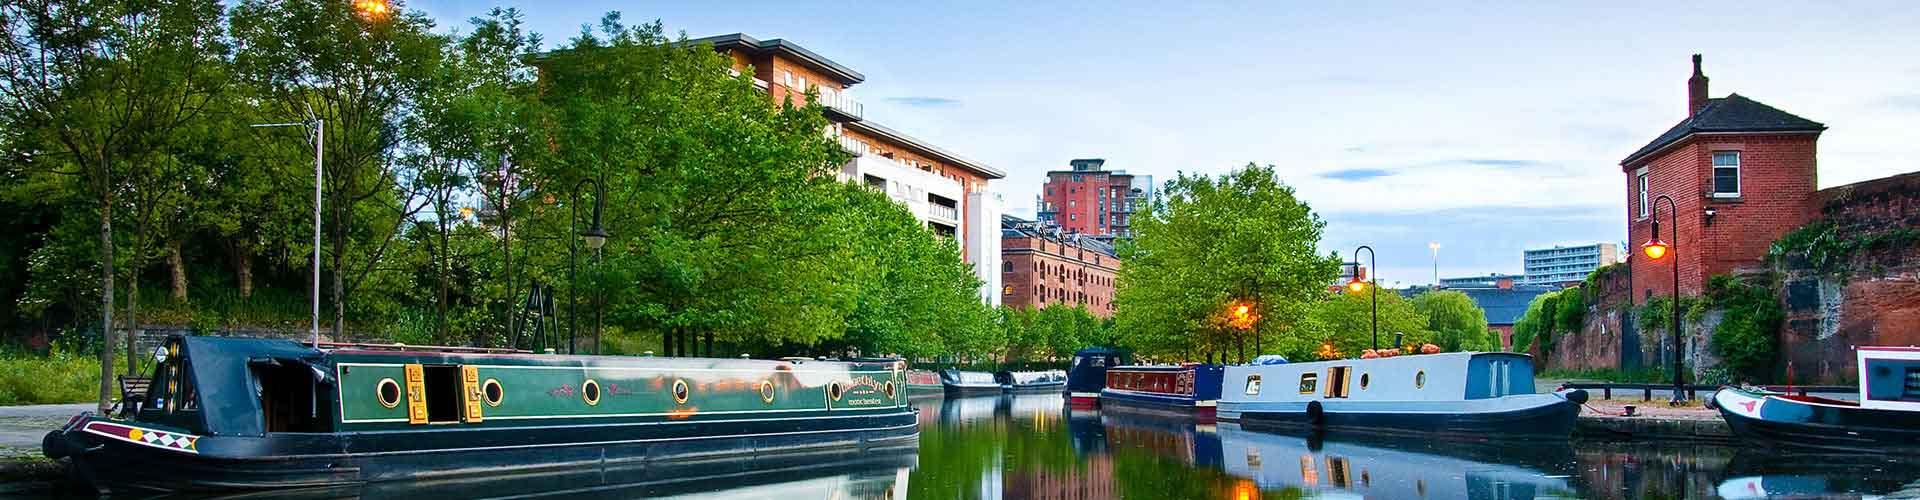 Manchester - Chambres pas chères dans le quartier de Cheetham. Cartes pour Manchester, photos et commentaires pour chaque chambre à Manchester.